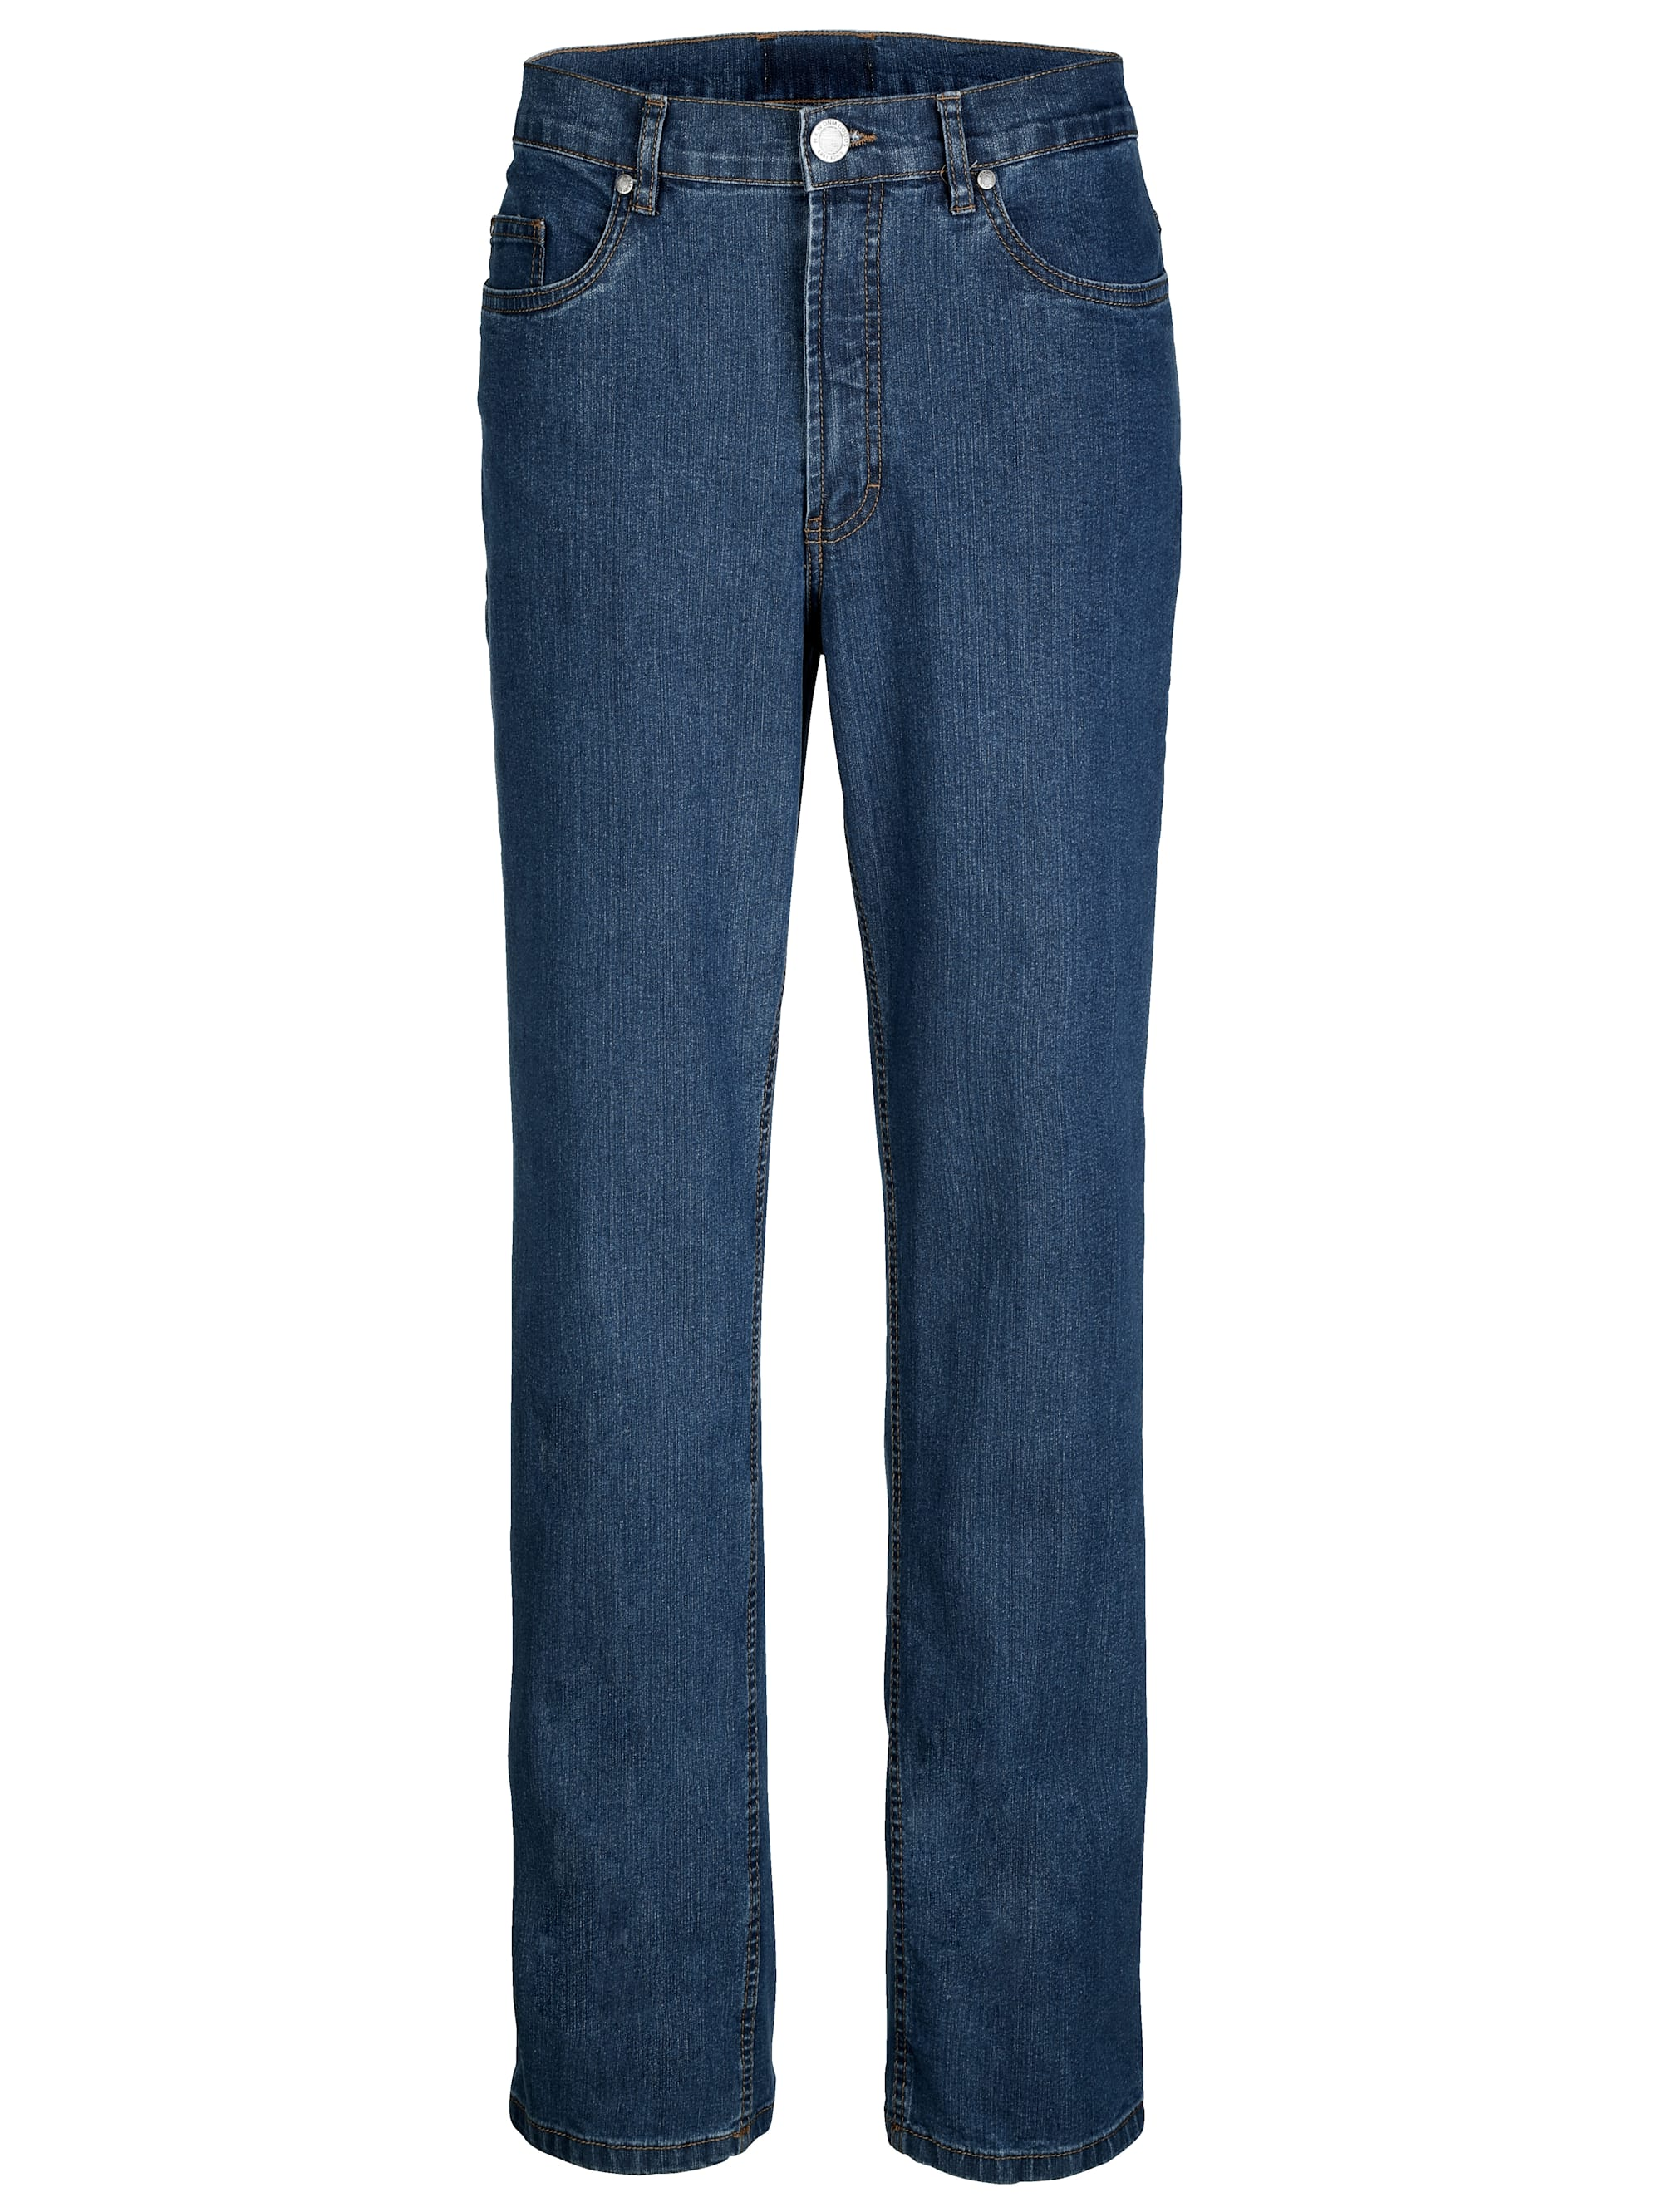 Roger Kent 5-Pocket Jeans mit Gürtelschlaufen | Bekleidung > Jeans > Sonstige Jeans | Blau | Jeans - Baumwolle - Polyester | ROGER KENT